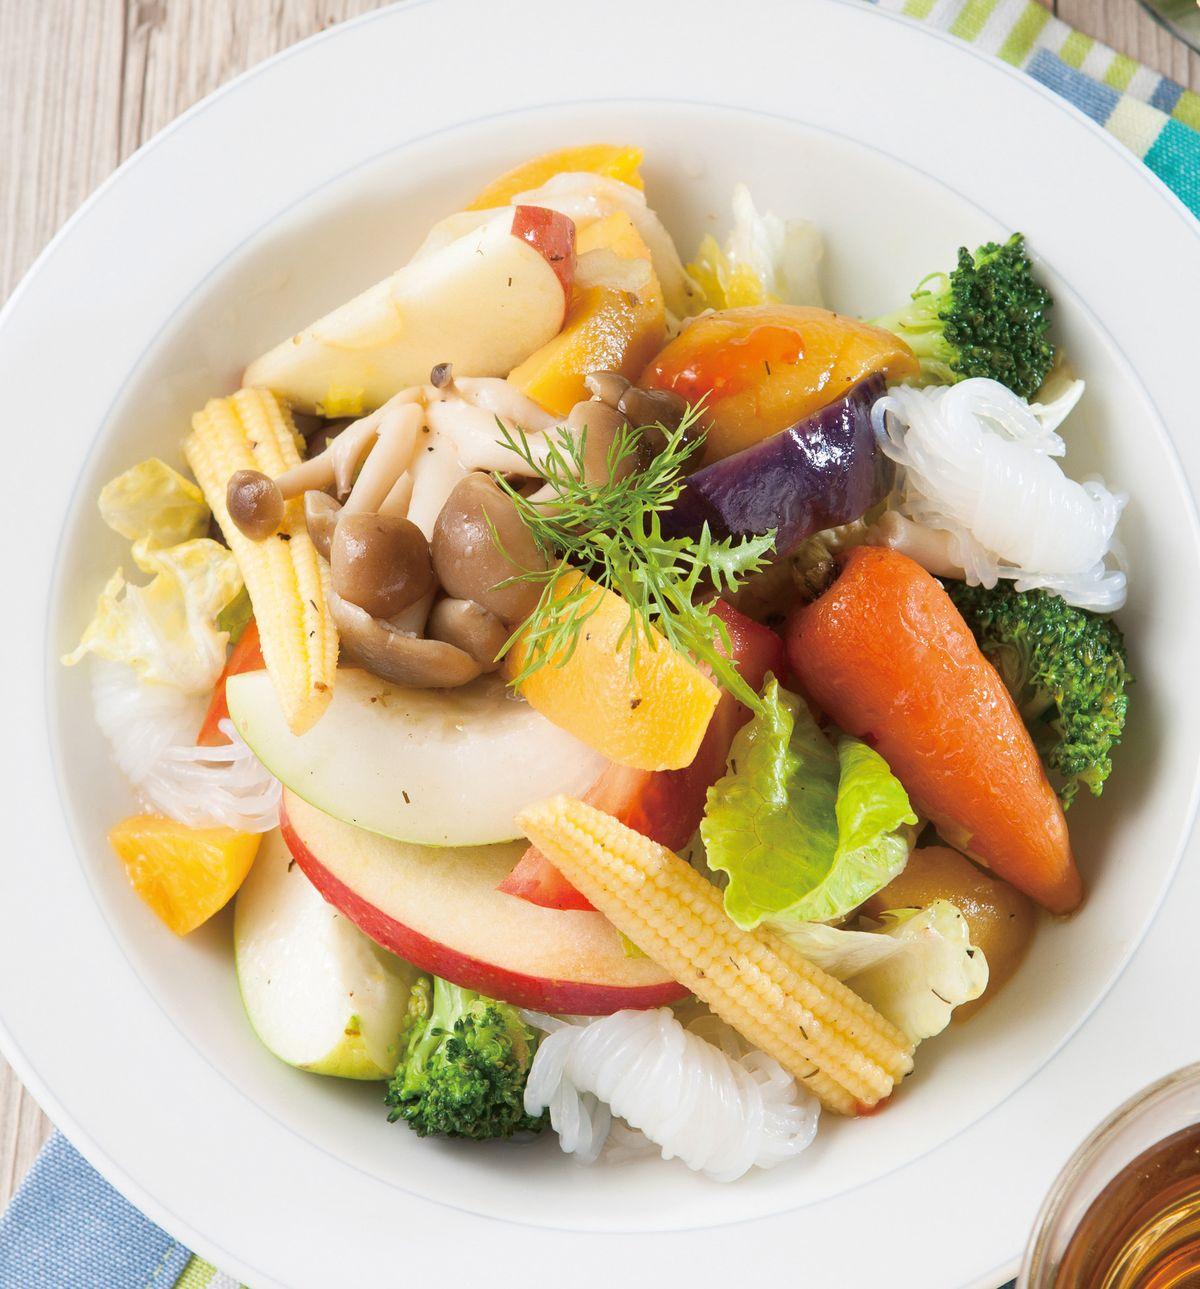 食譜:日式蒟蒻蔬果沙拉